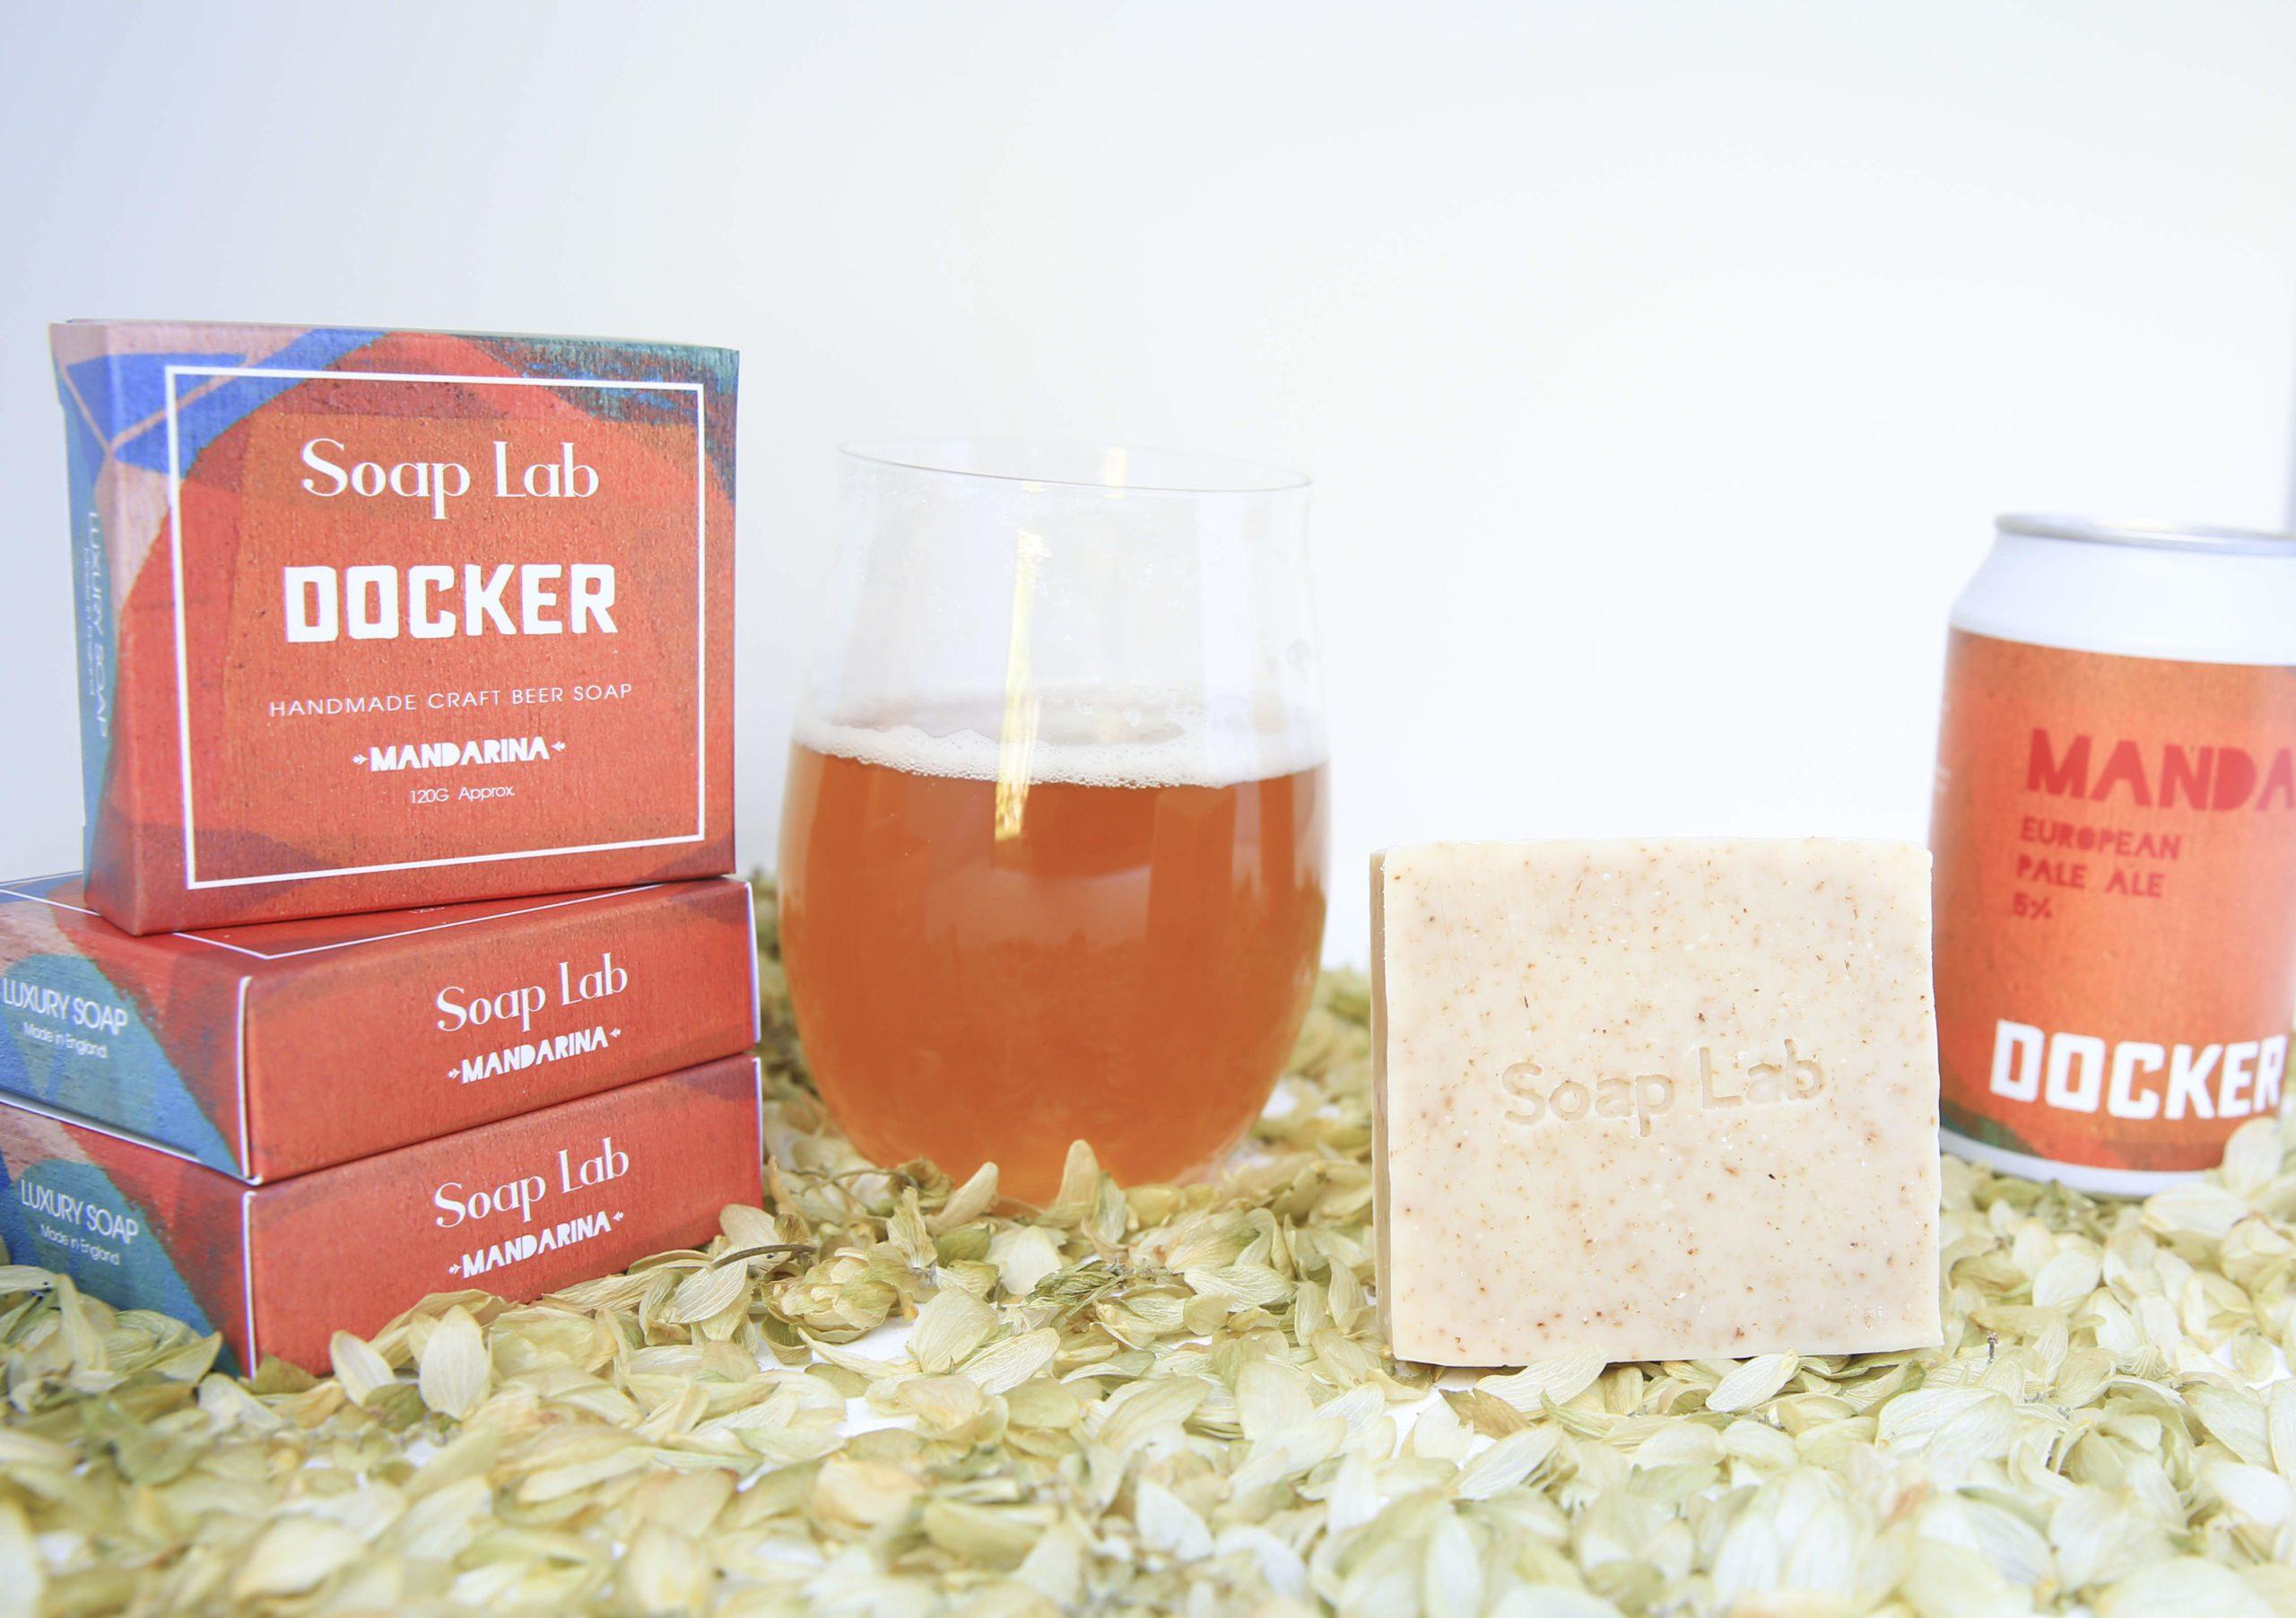 Soap Lab Docker Soap